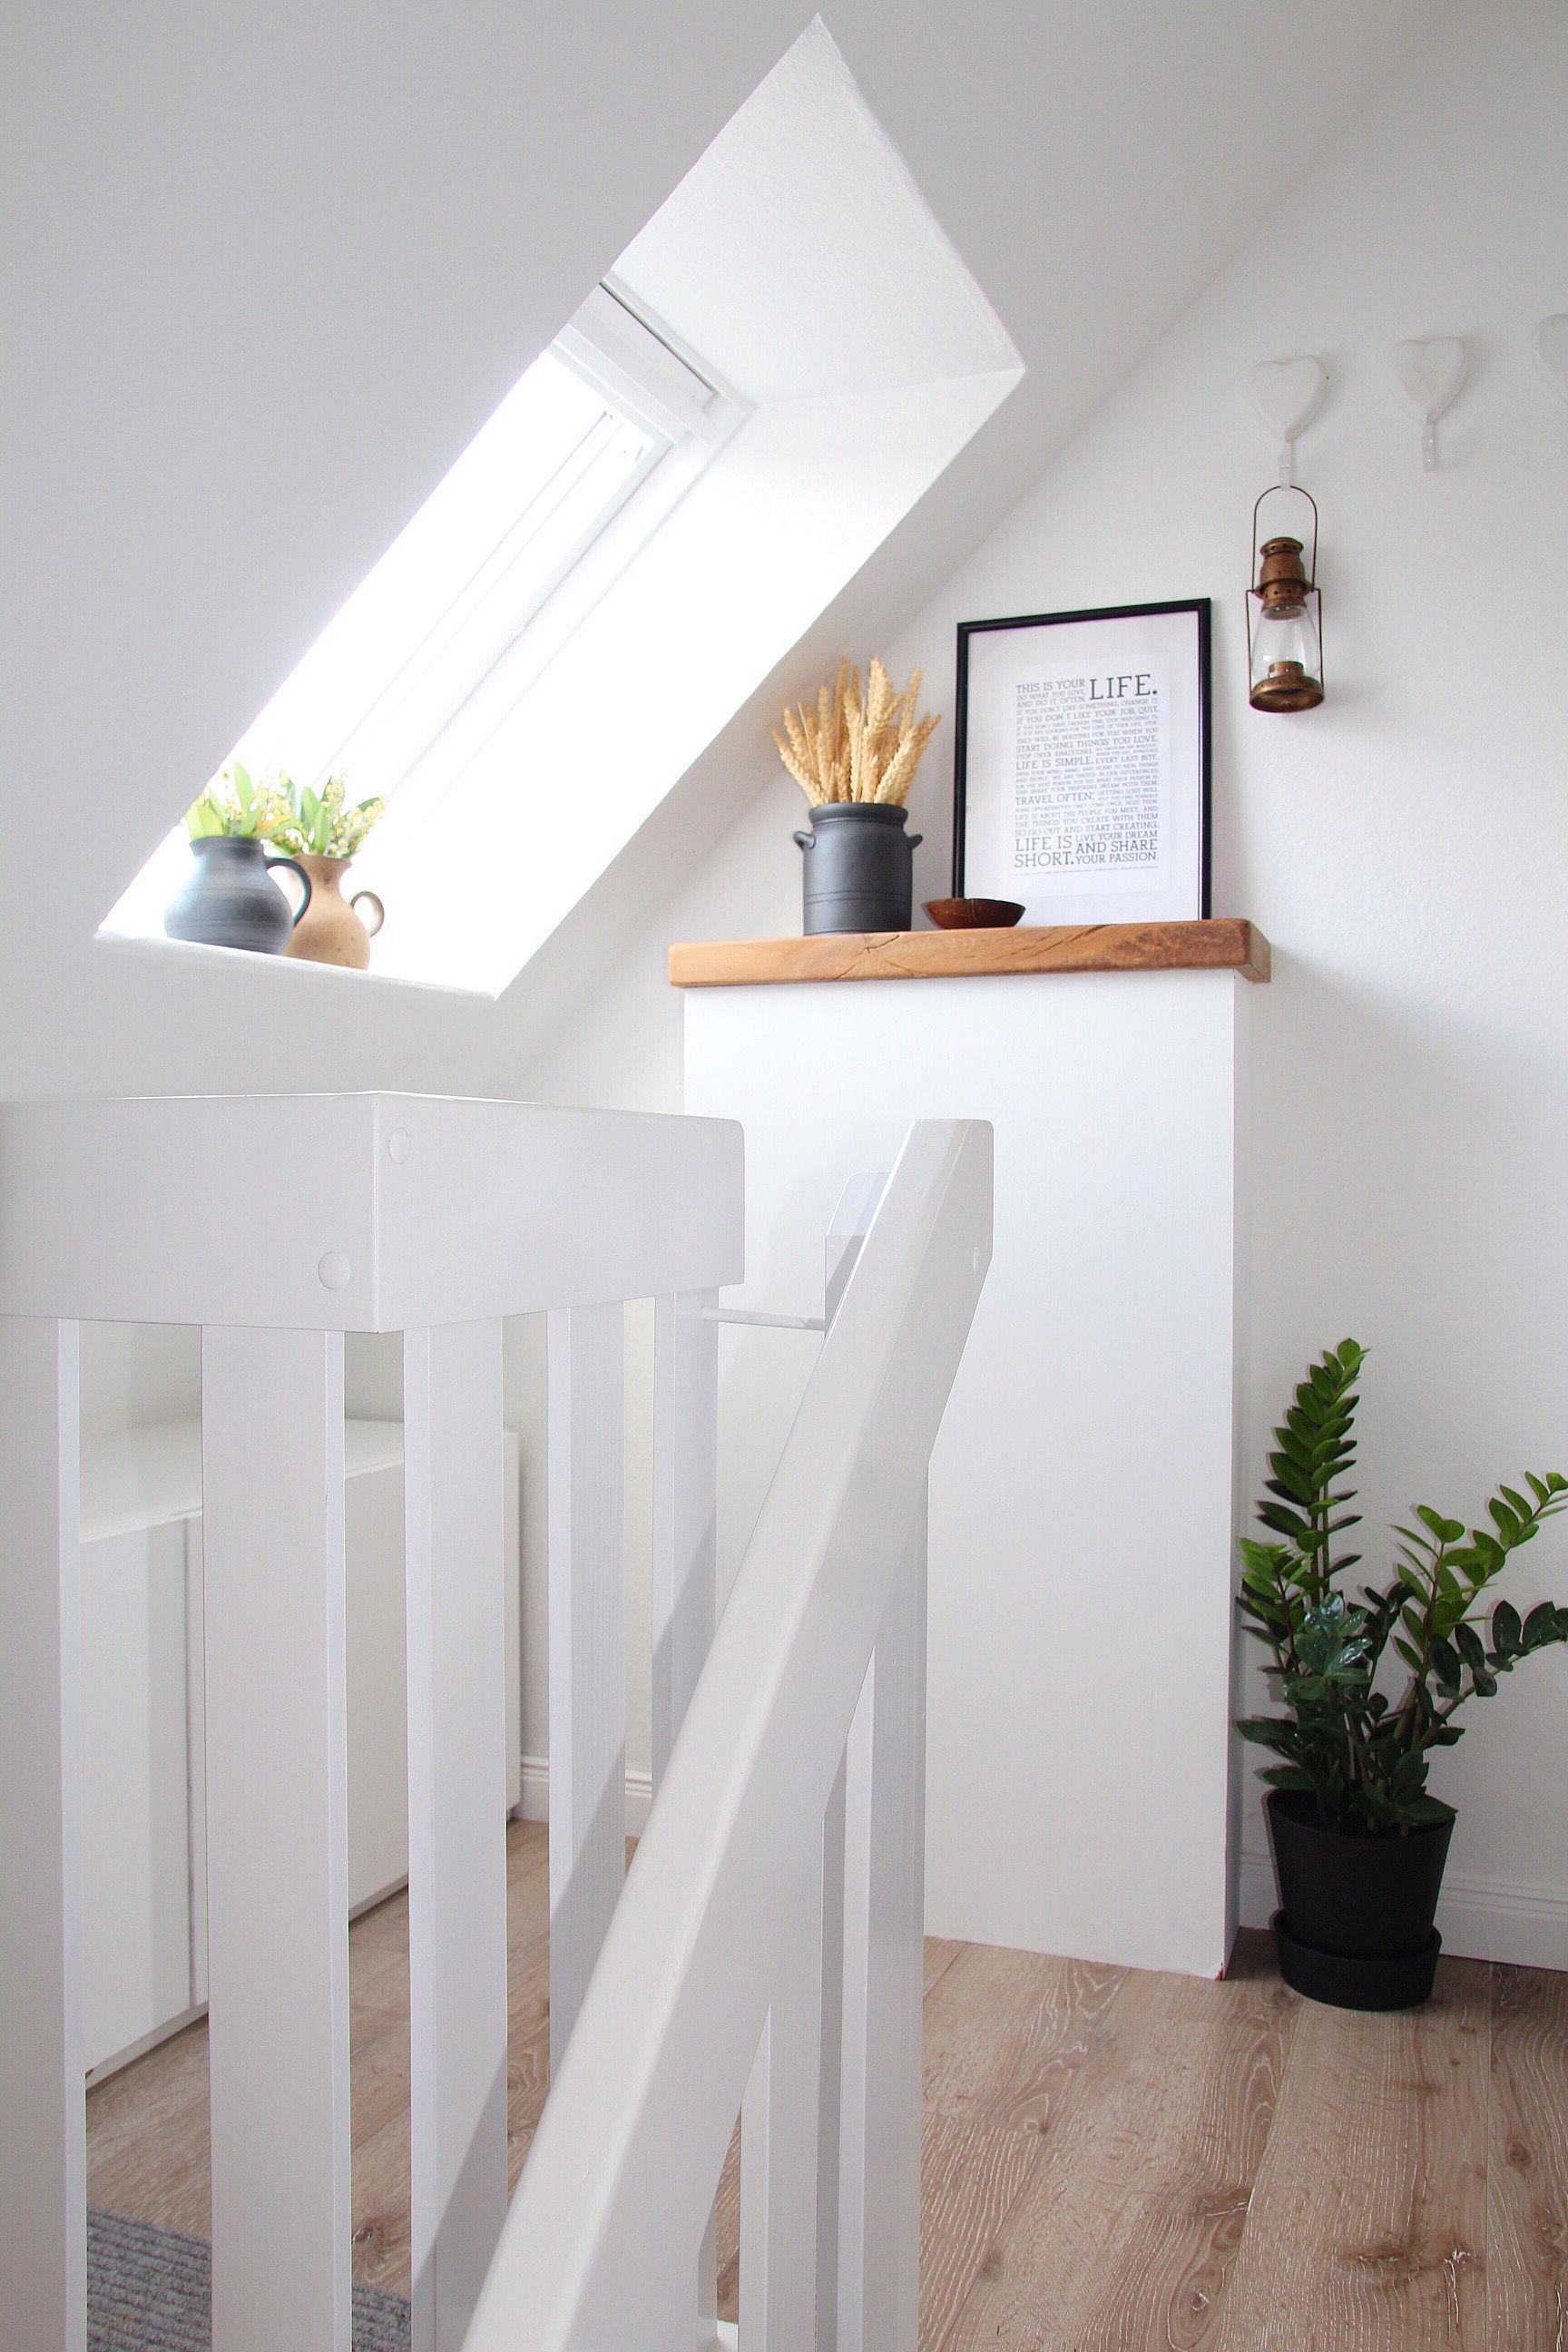 flur und treppenhaus neu gestalten vorher nachher wohnung renovieren treppenhaus und vorher. Black Bedroom Furniture Sets. Home Design Ideas